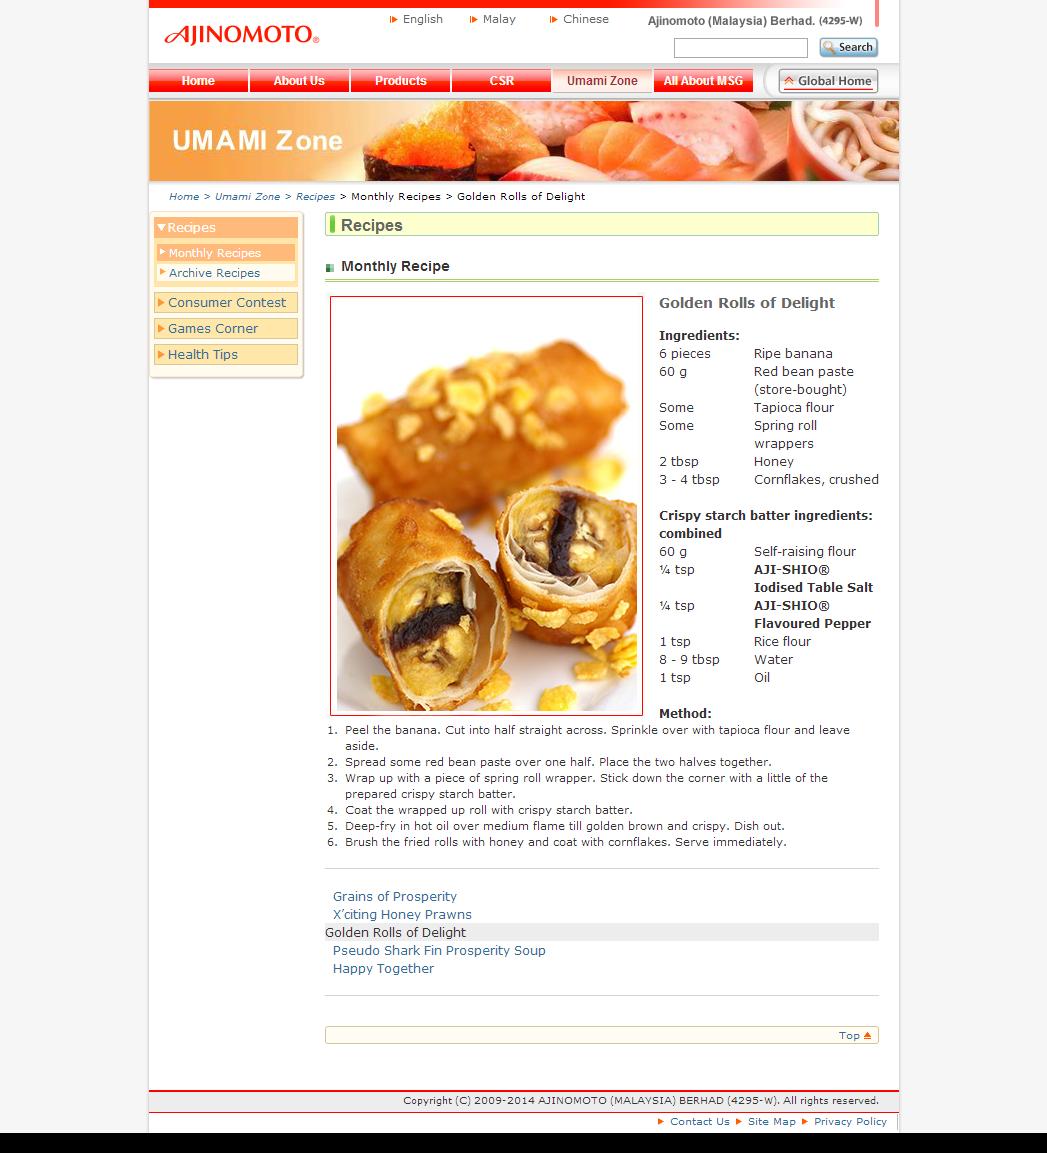 ajinomoto-recipes-a